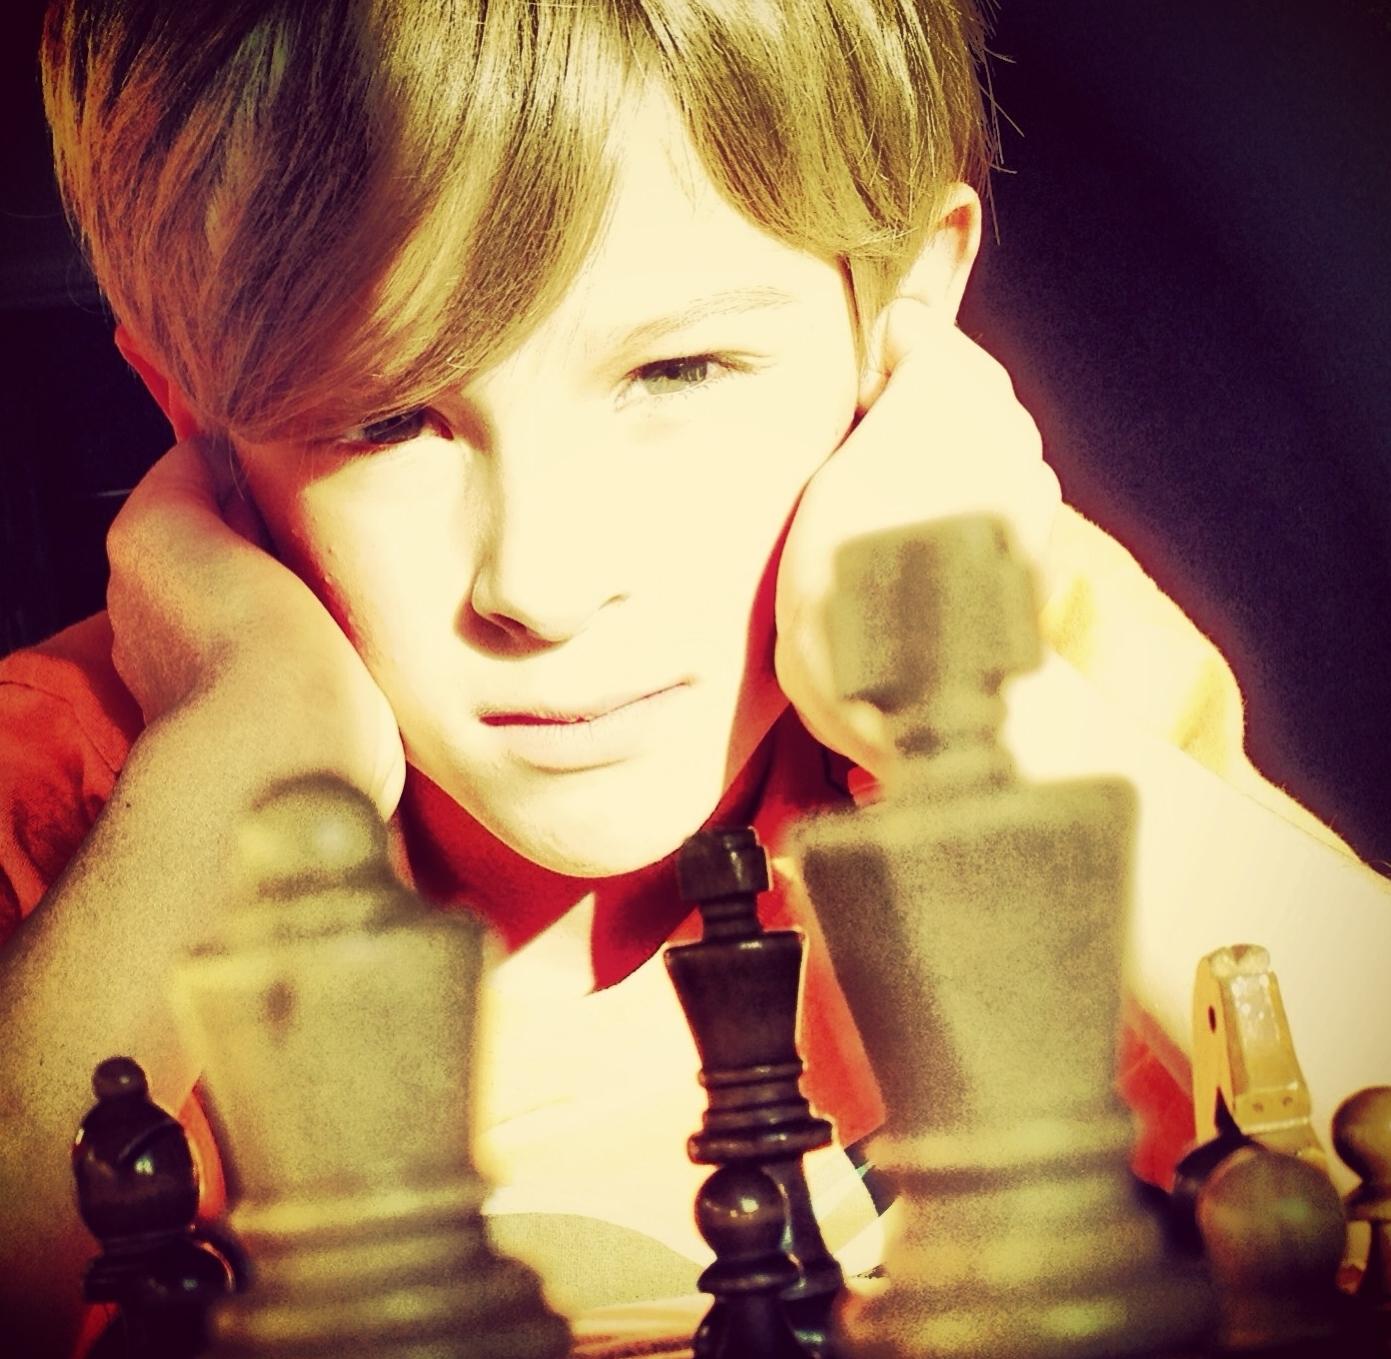 Chess | Finn | 2013